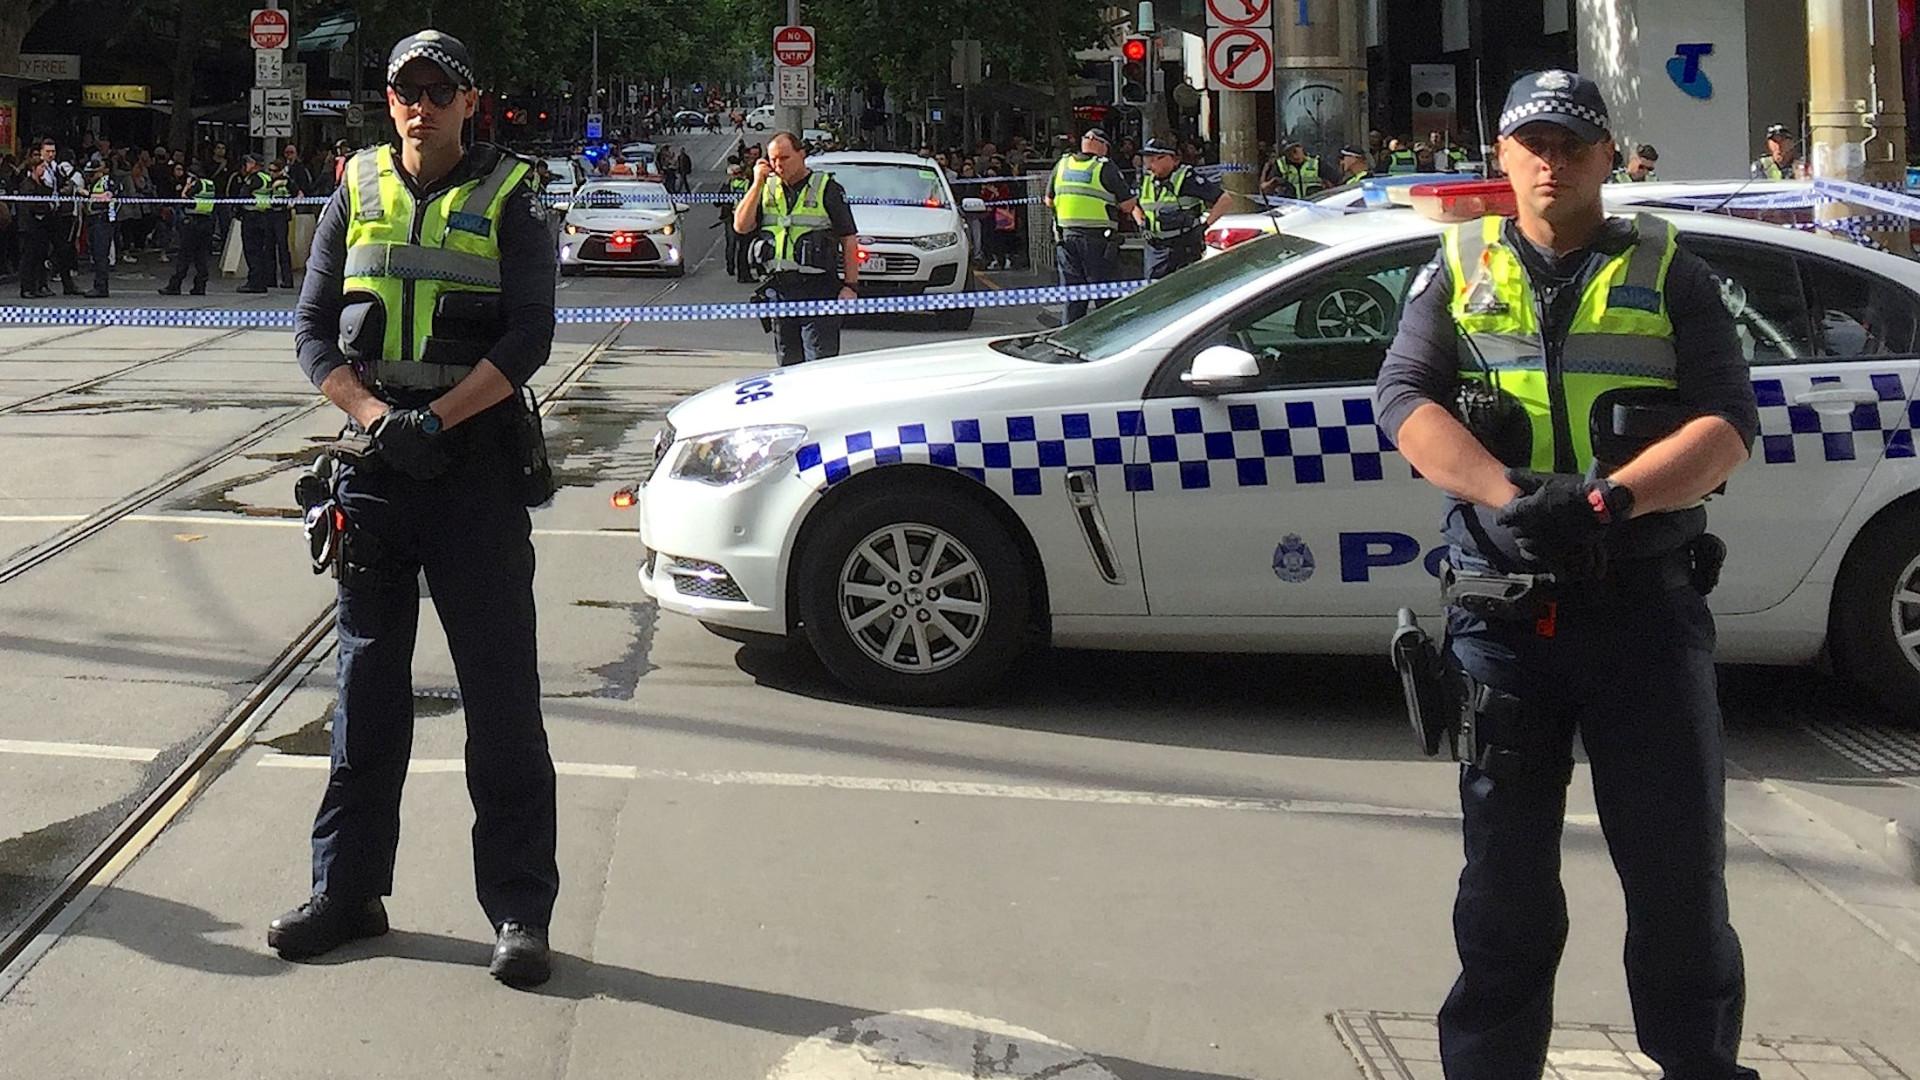 Estado Islâmico reivindica ataque em Melbourne